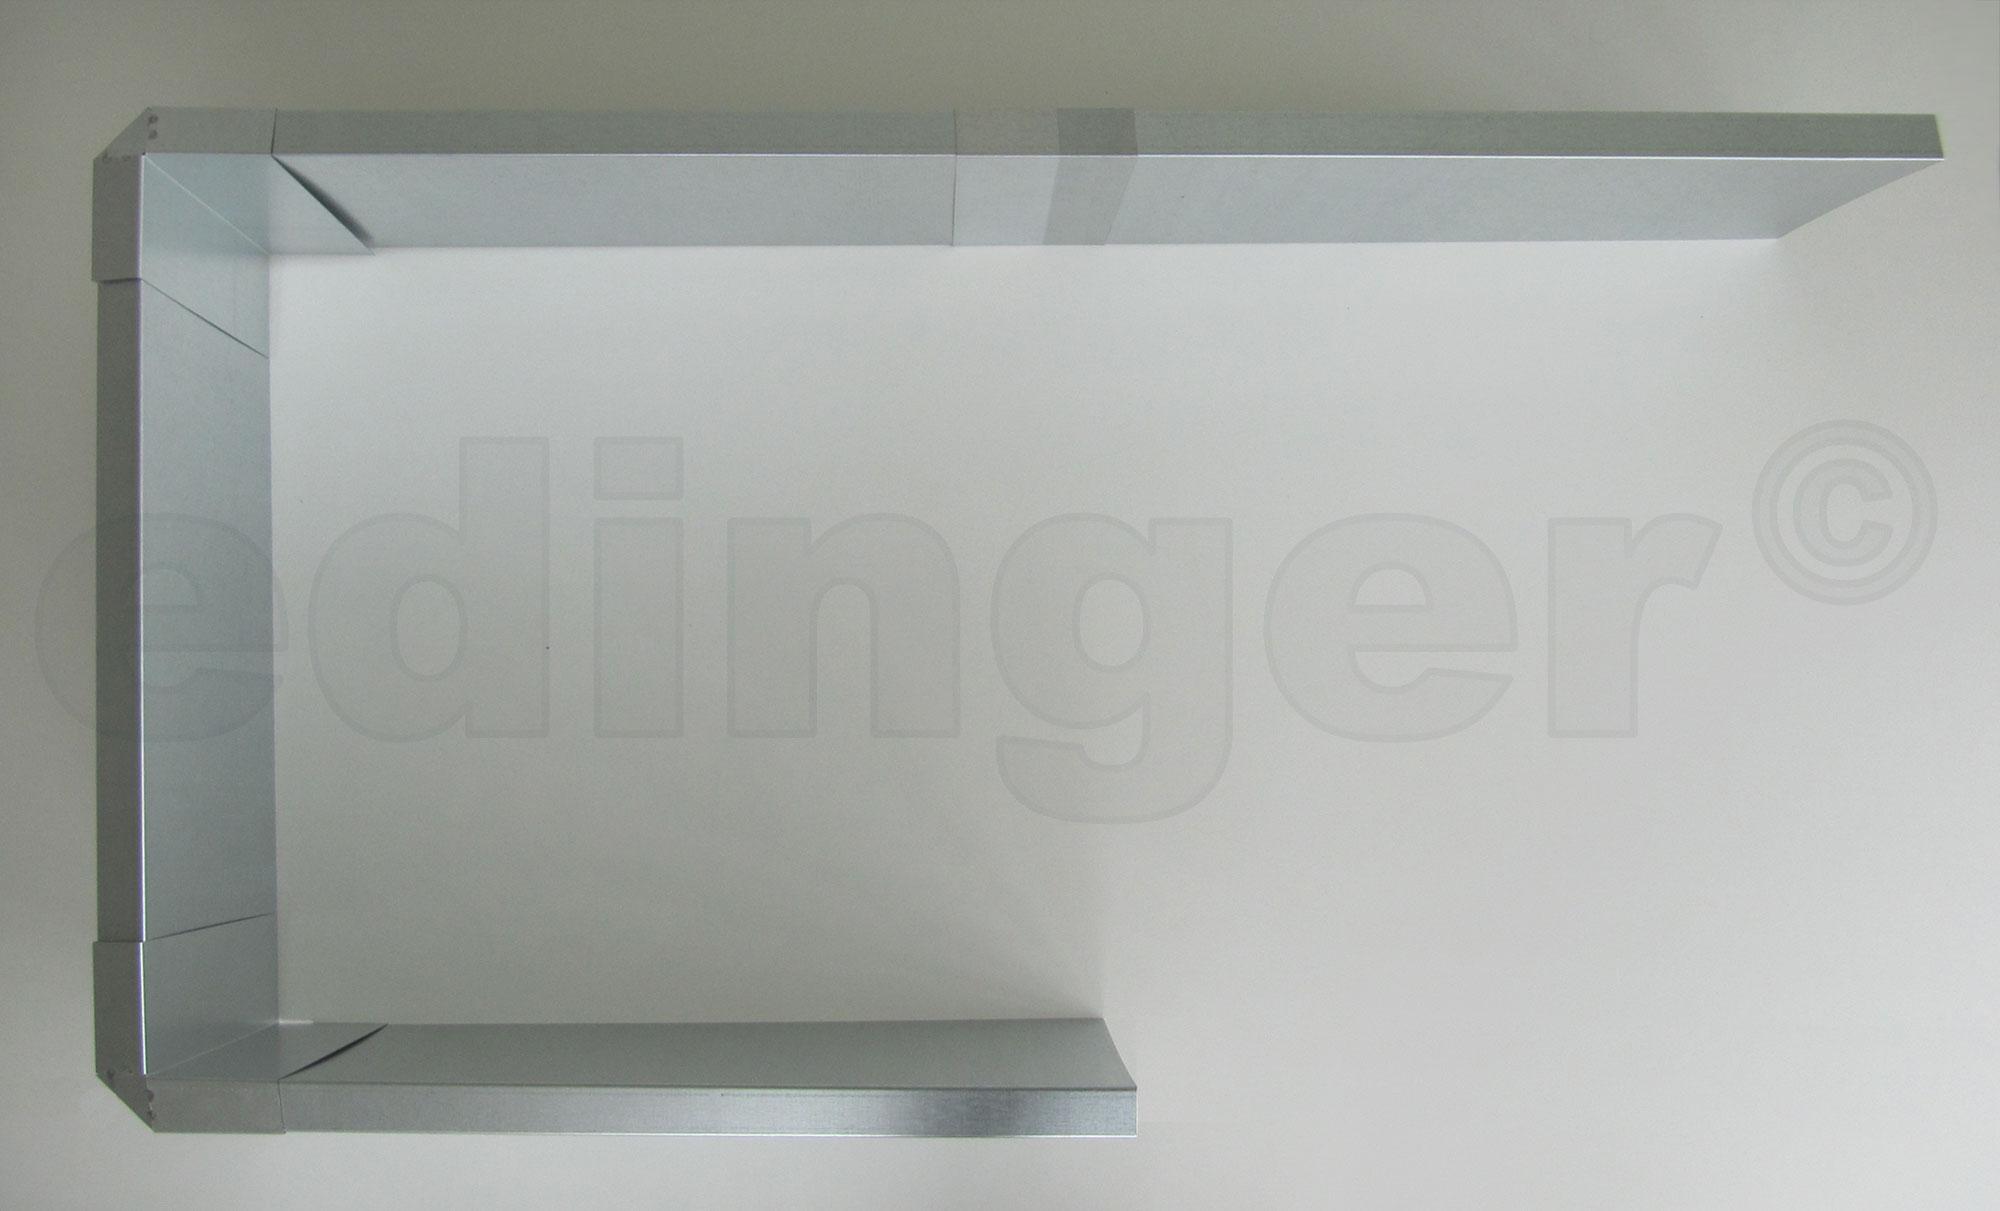 Schneckenzaun / Schneckenblech Metall für 4 m² Set Bild 2